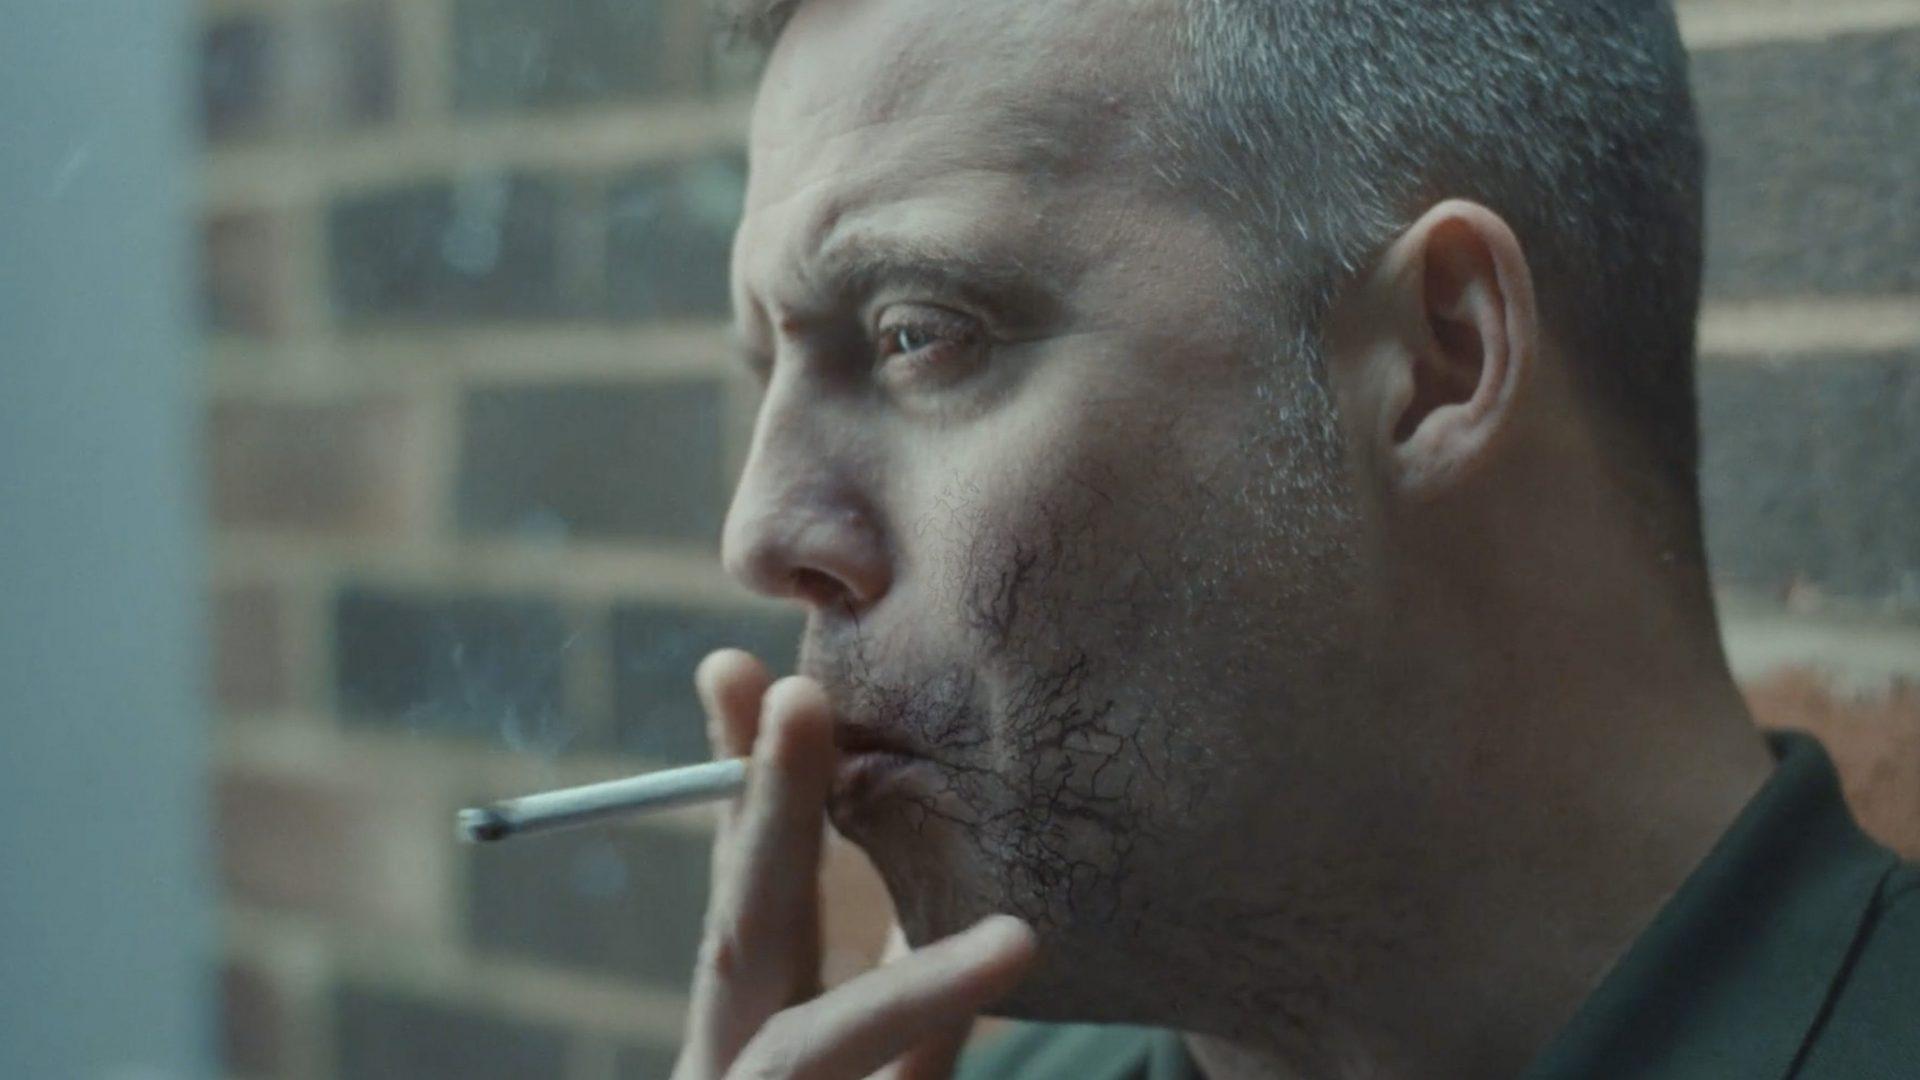 Buy Dunhill evo cigarettes